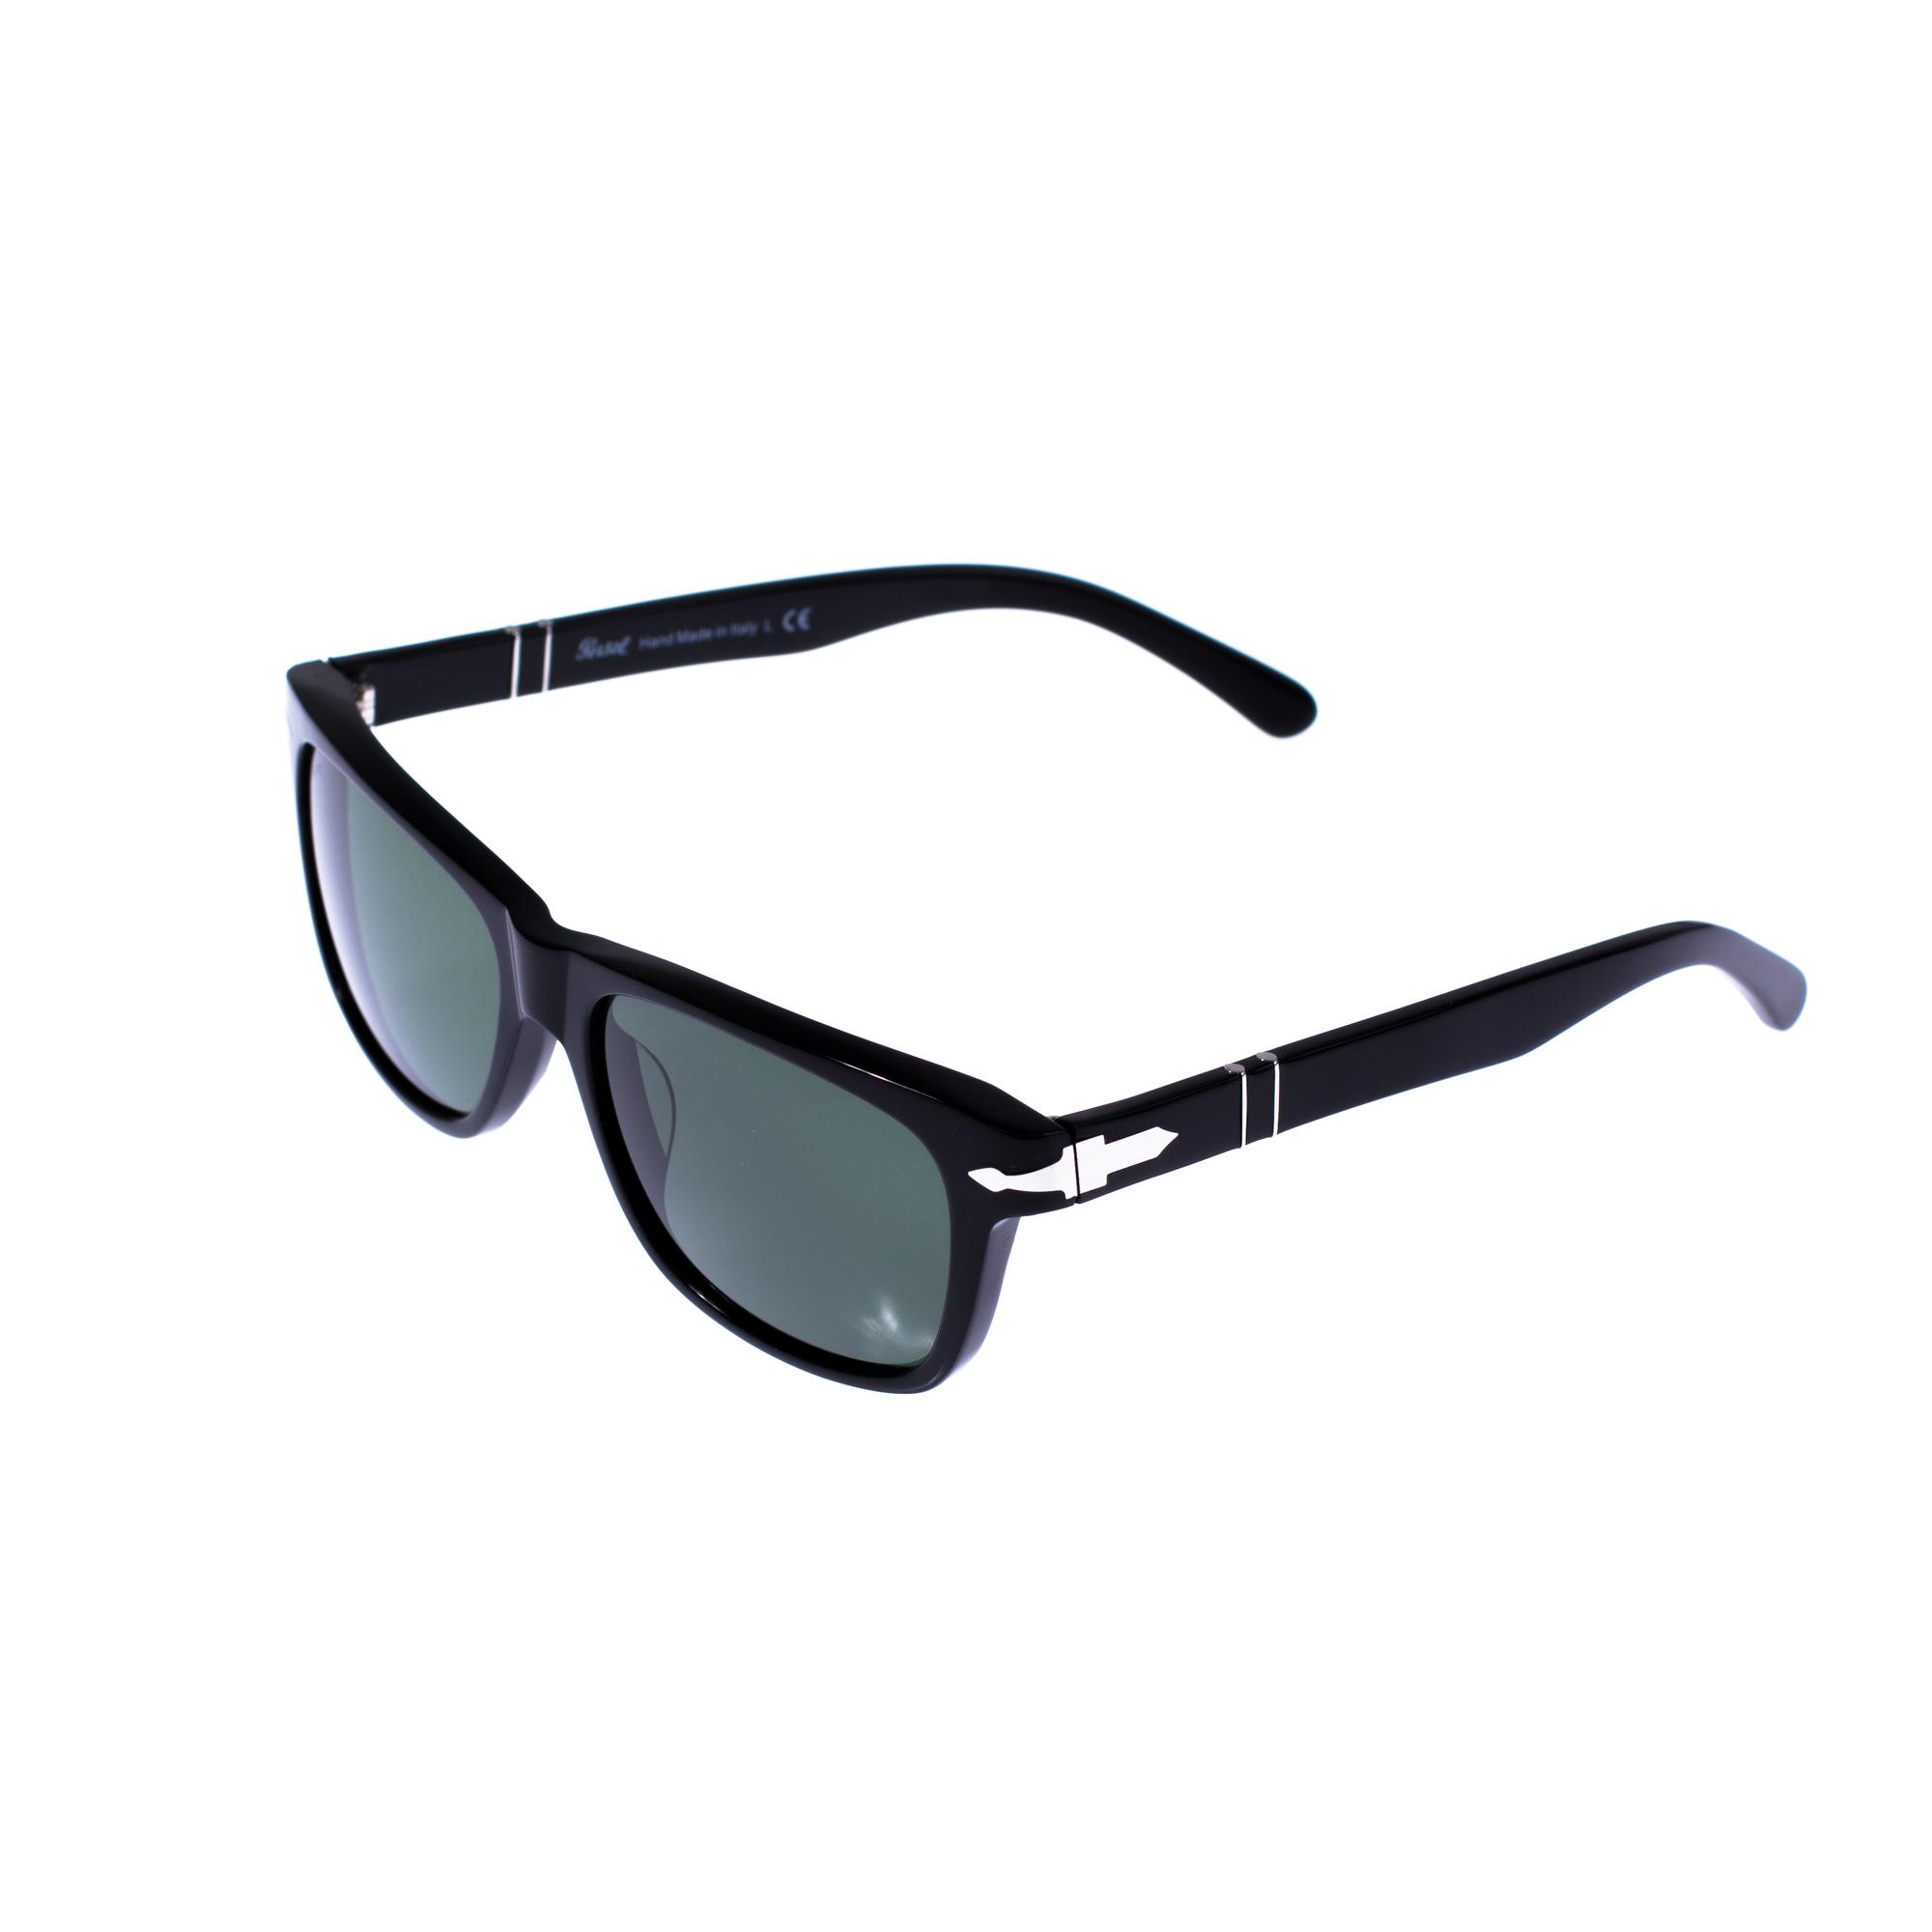 Купить черные солнцезащитные очки Persol — в Киеве feee09163c5e0